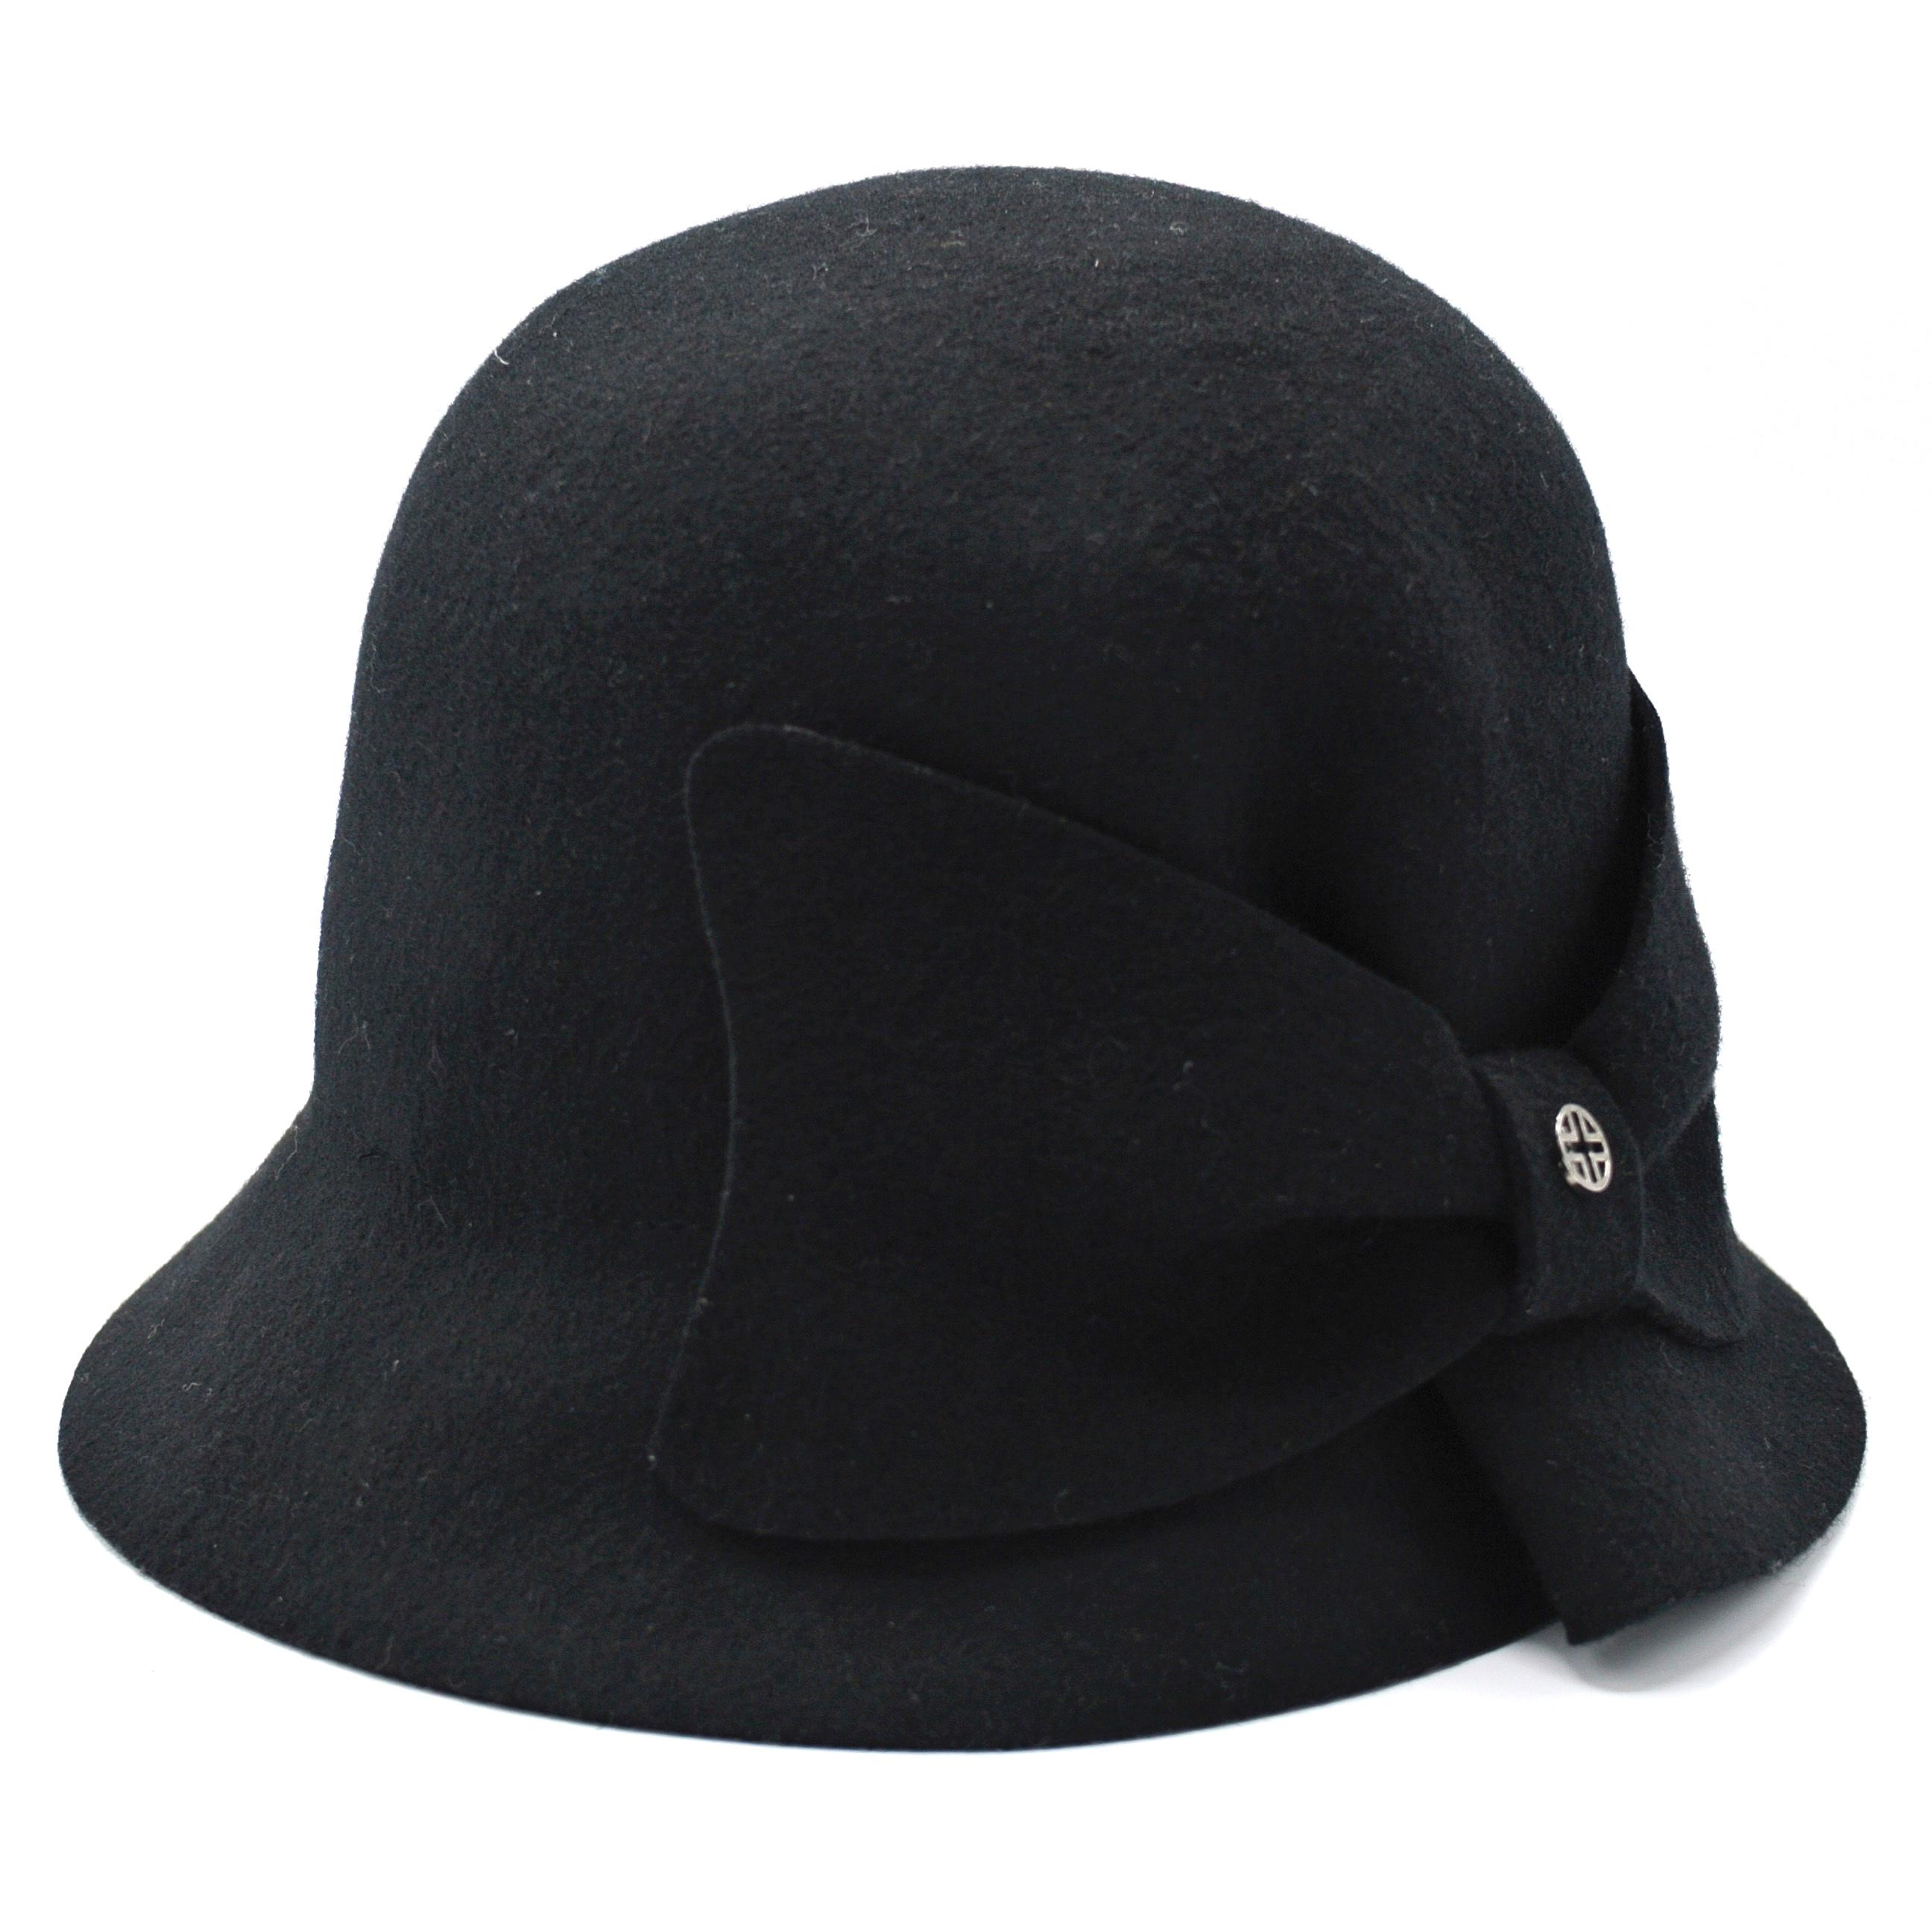 Loevenich Clochehatt Rosett Black